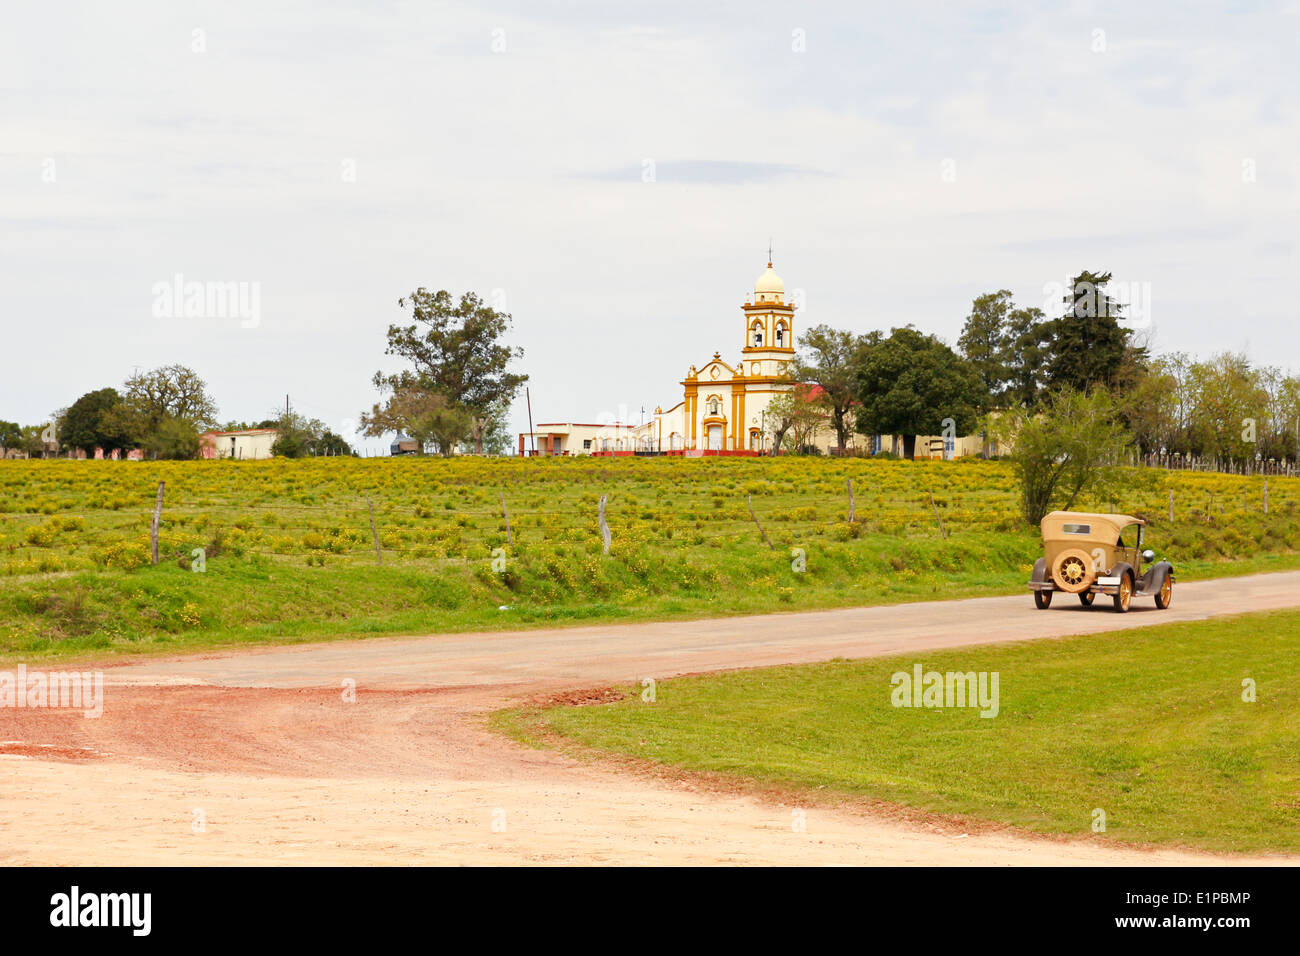 El regreso al pasado. Una escena vintage en Uruguay Imagen De Stock